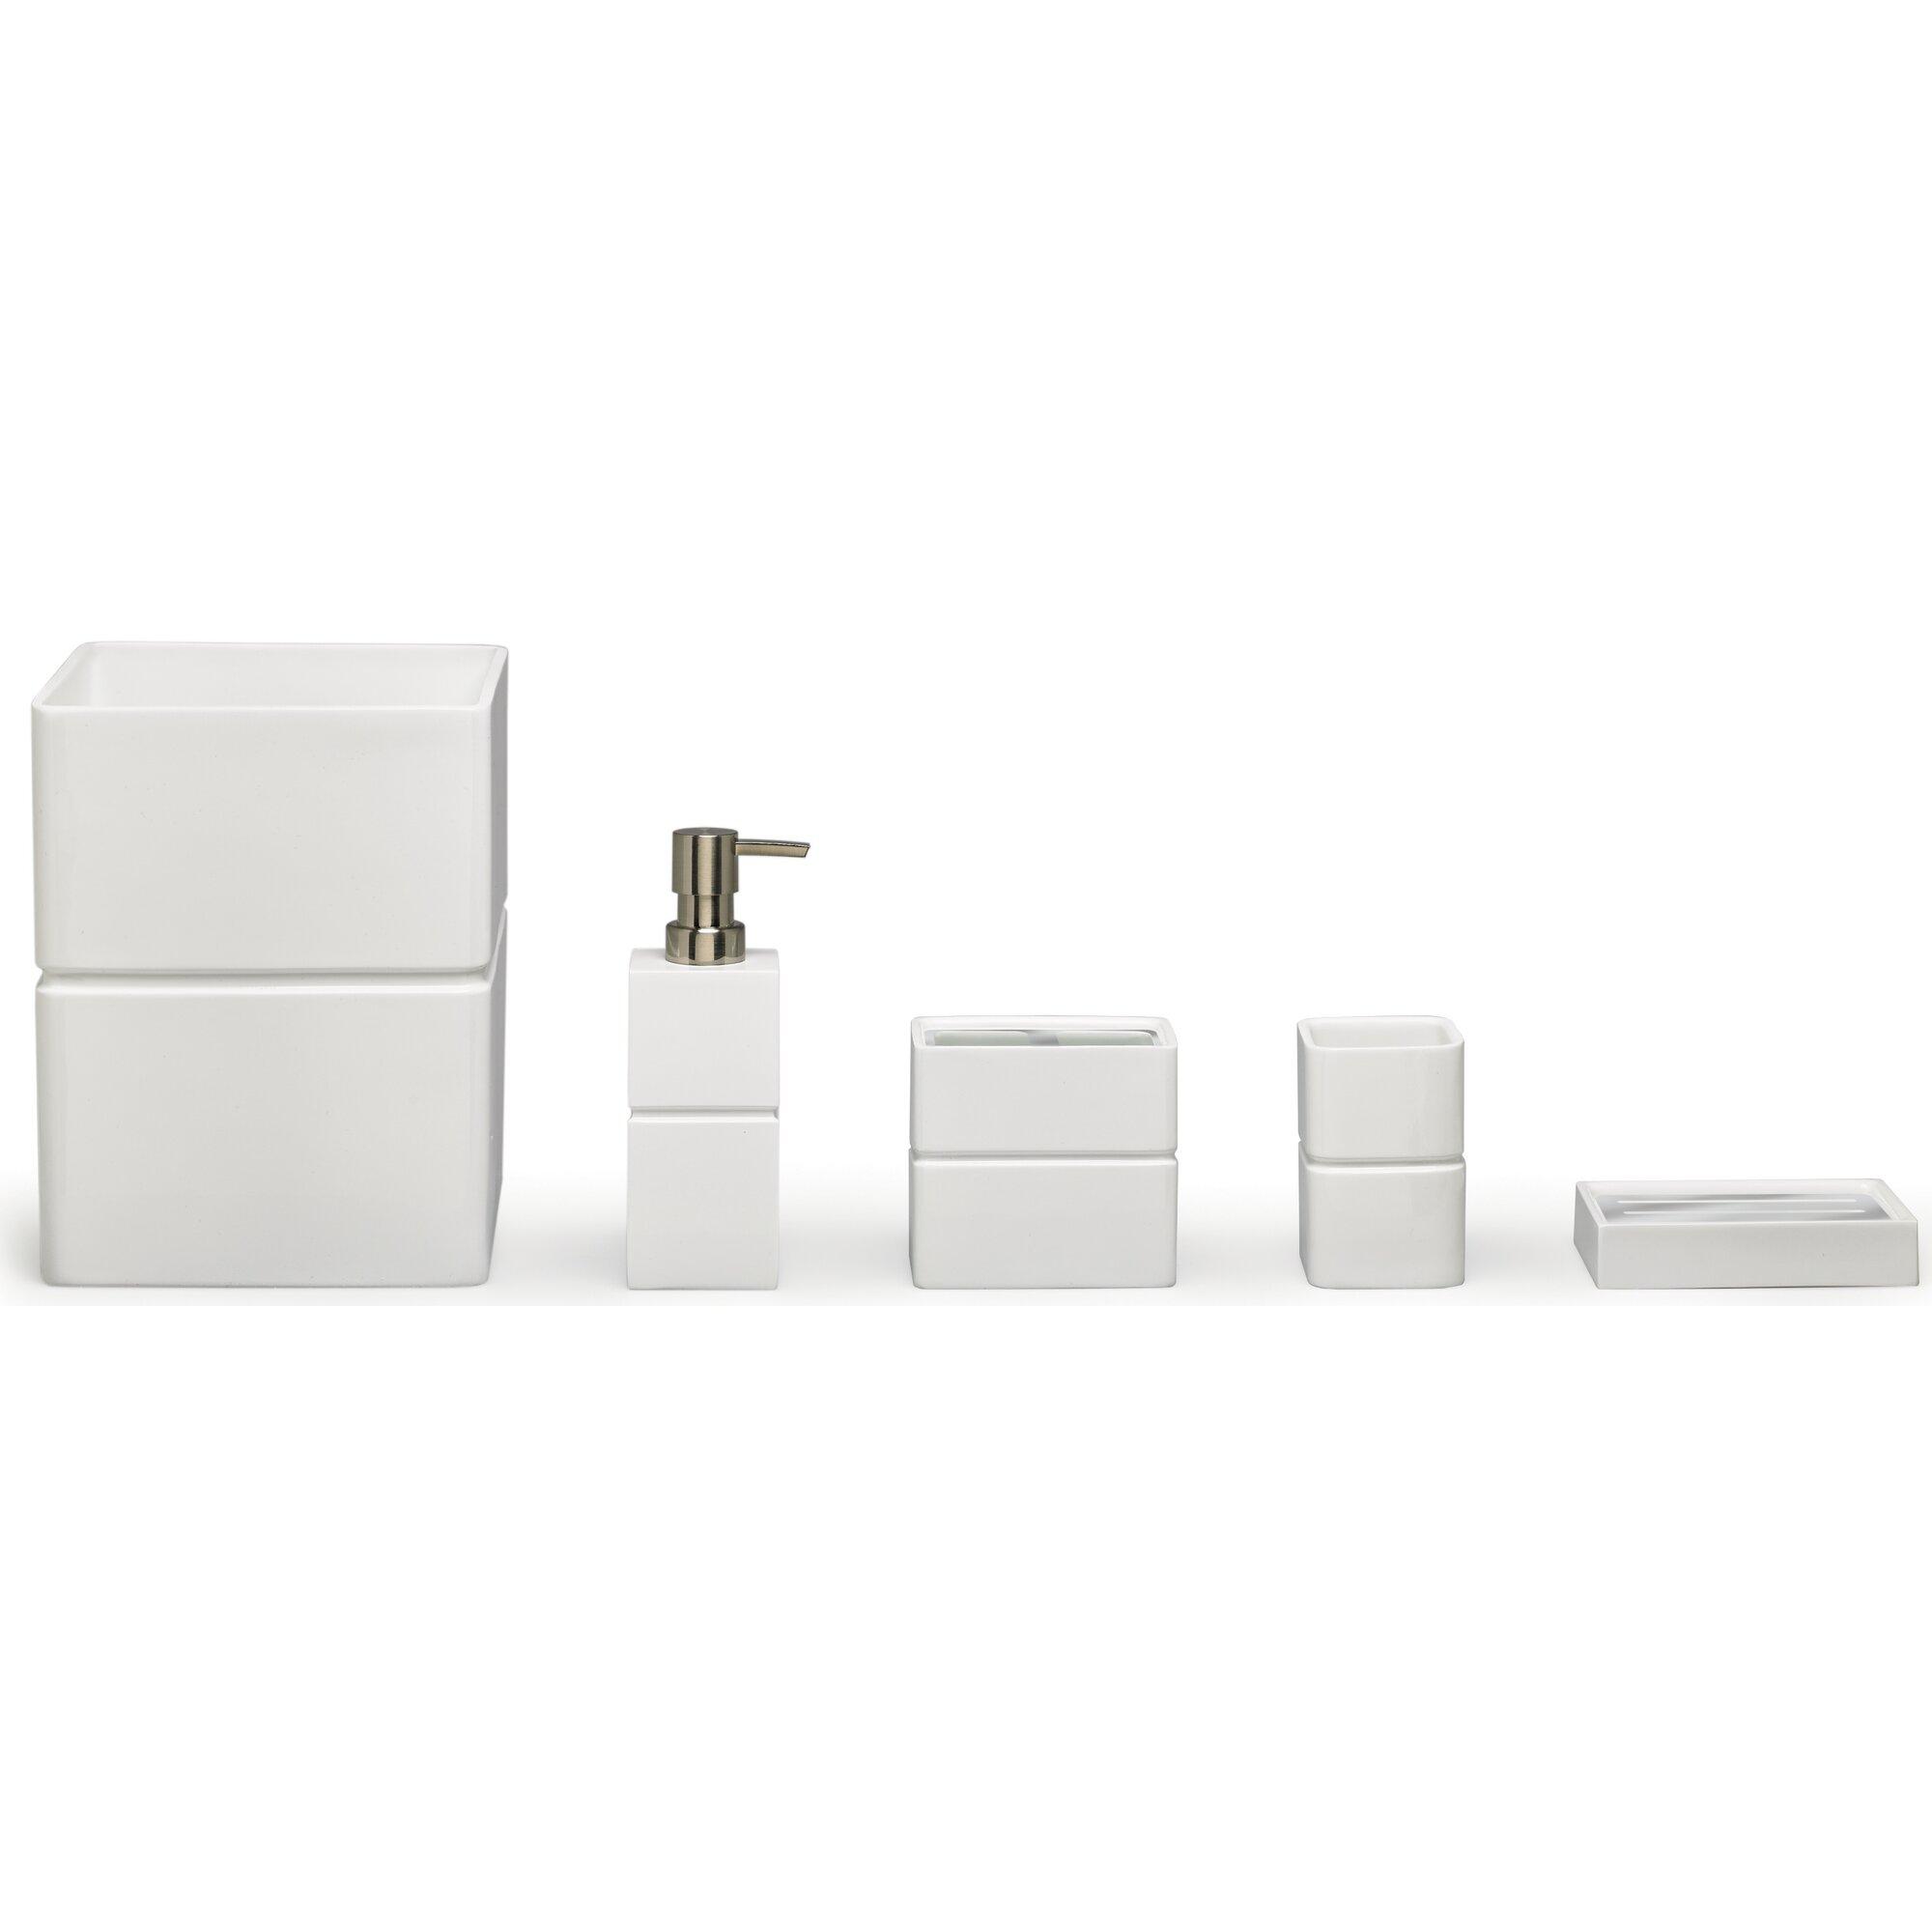 4 Piece Bathroom Accessory Set Moda At Home Alabaster Resin 4 Piece Bathroom Accessory Set